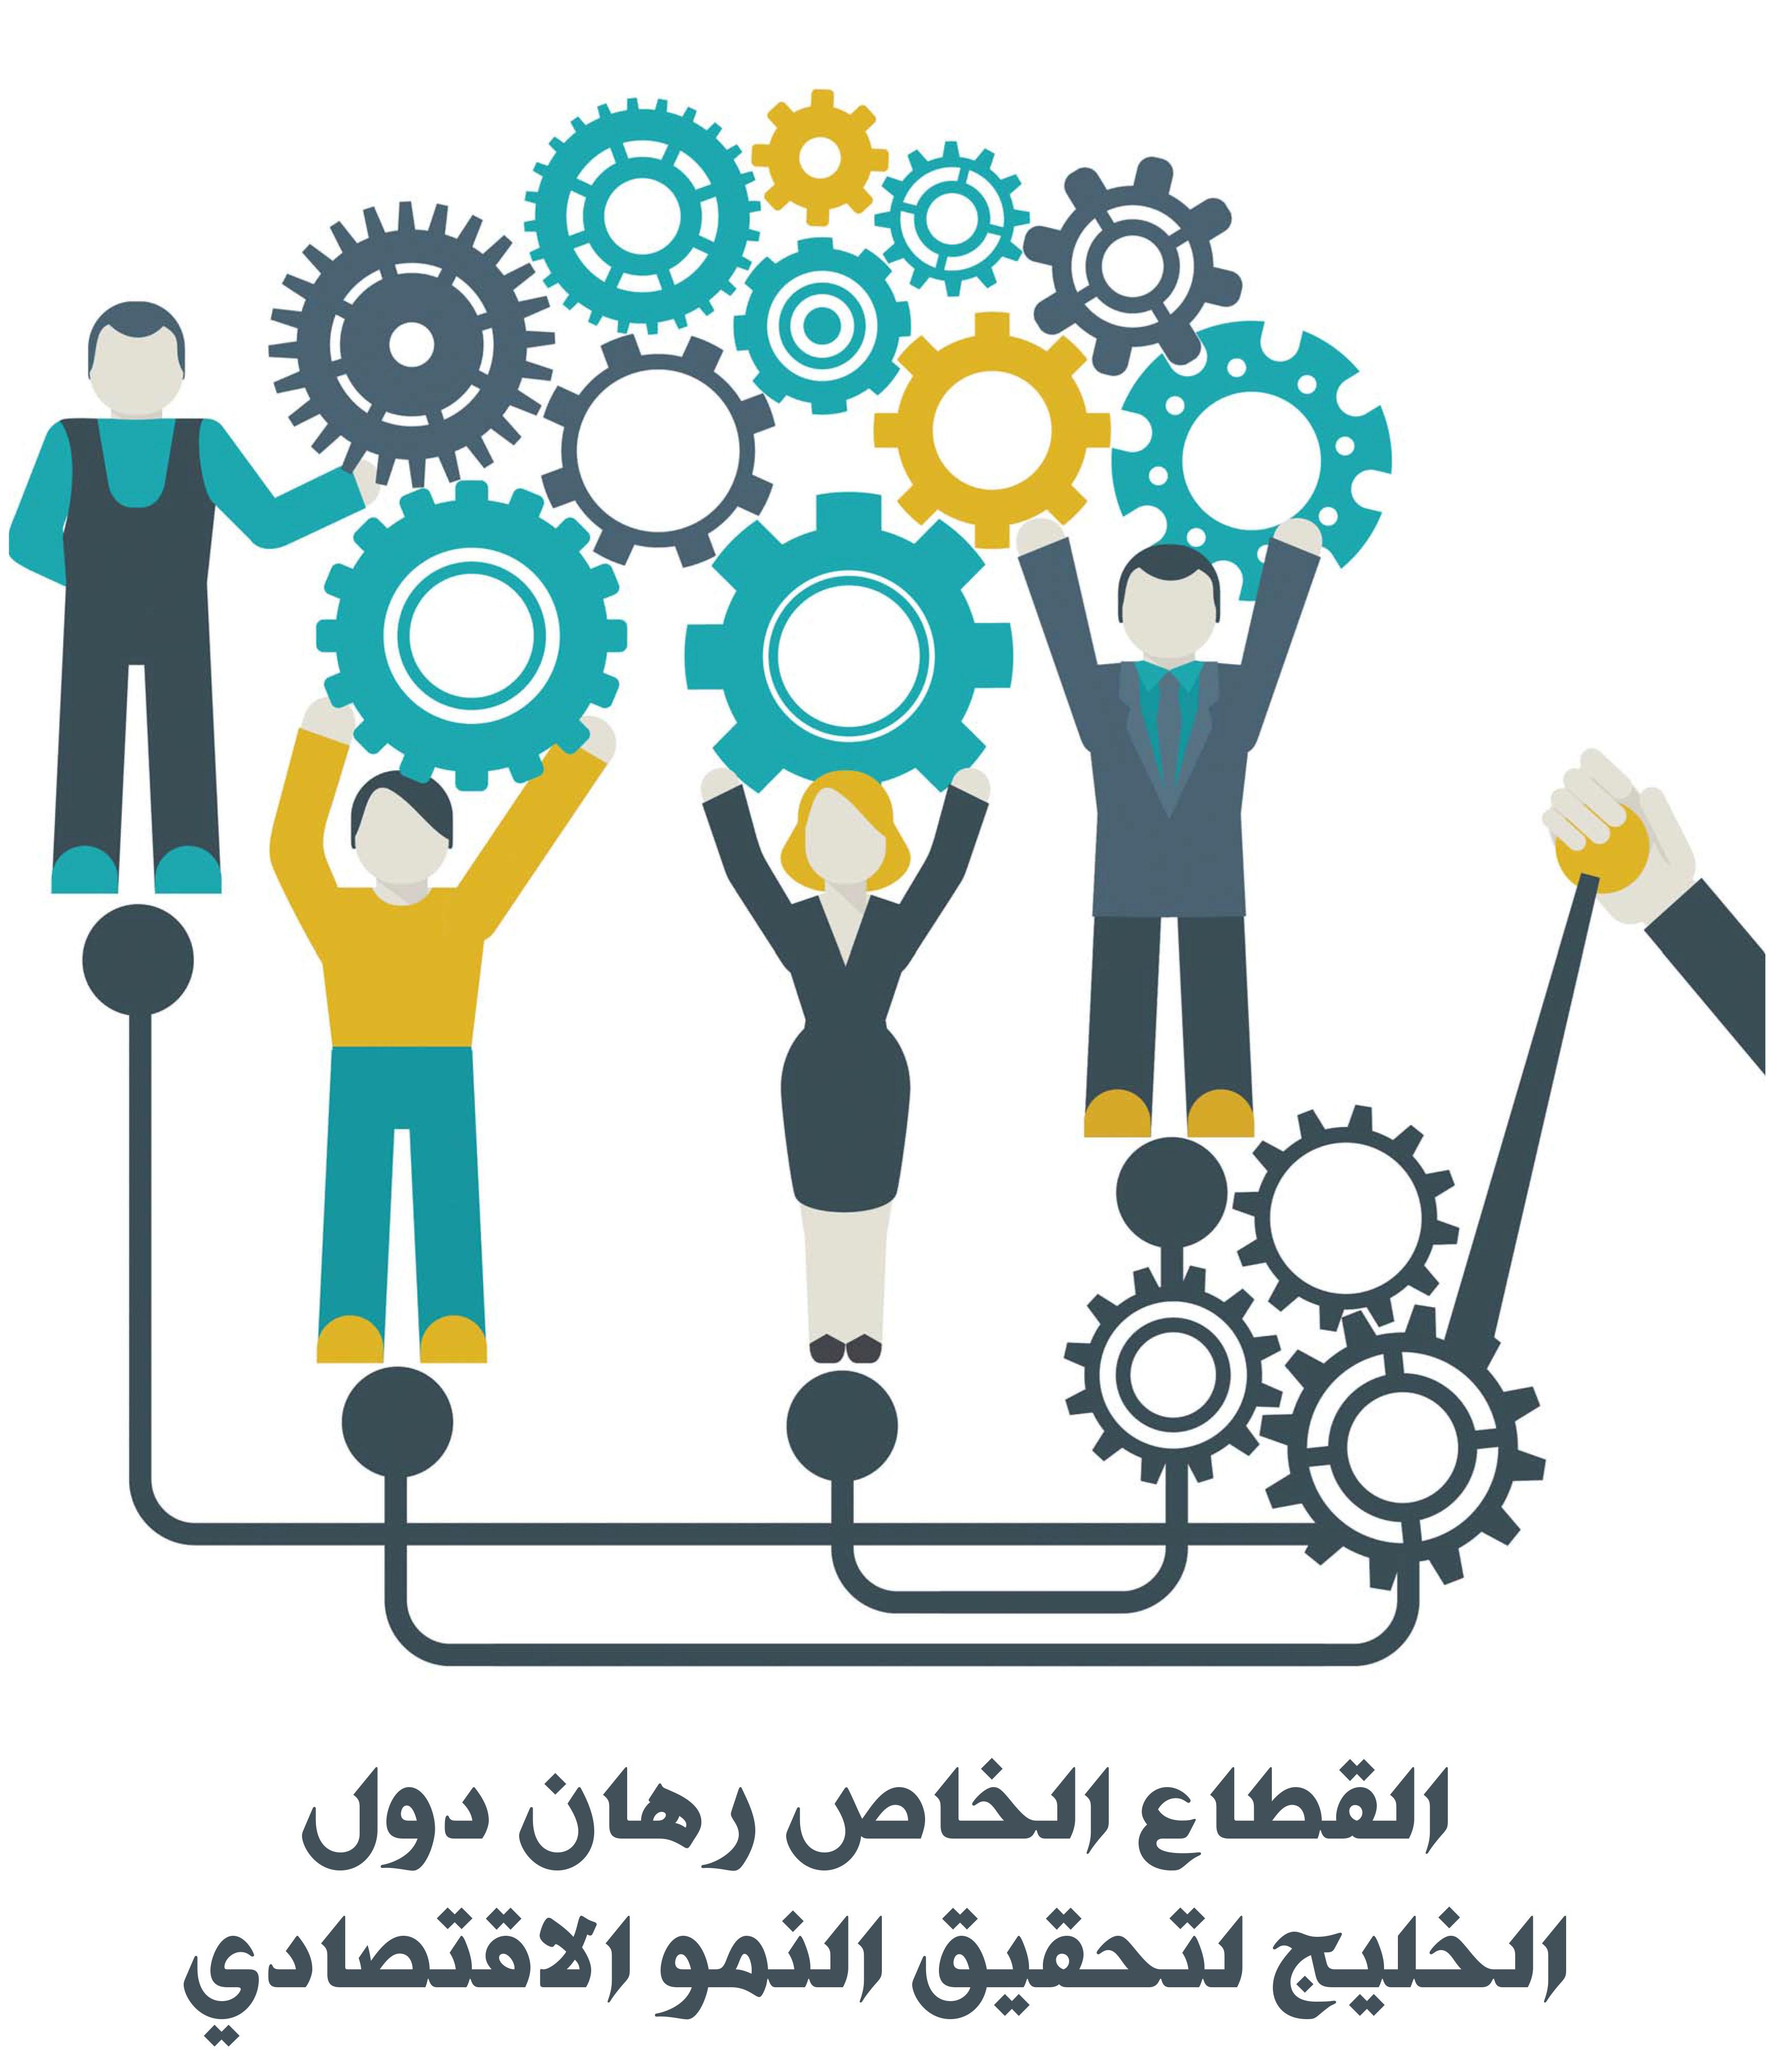 القطاع الخاص رهان دول الخليج لتحقيق النمو الاقتصادي